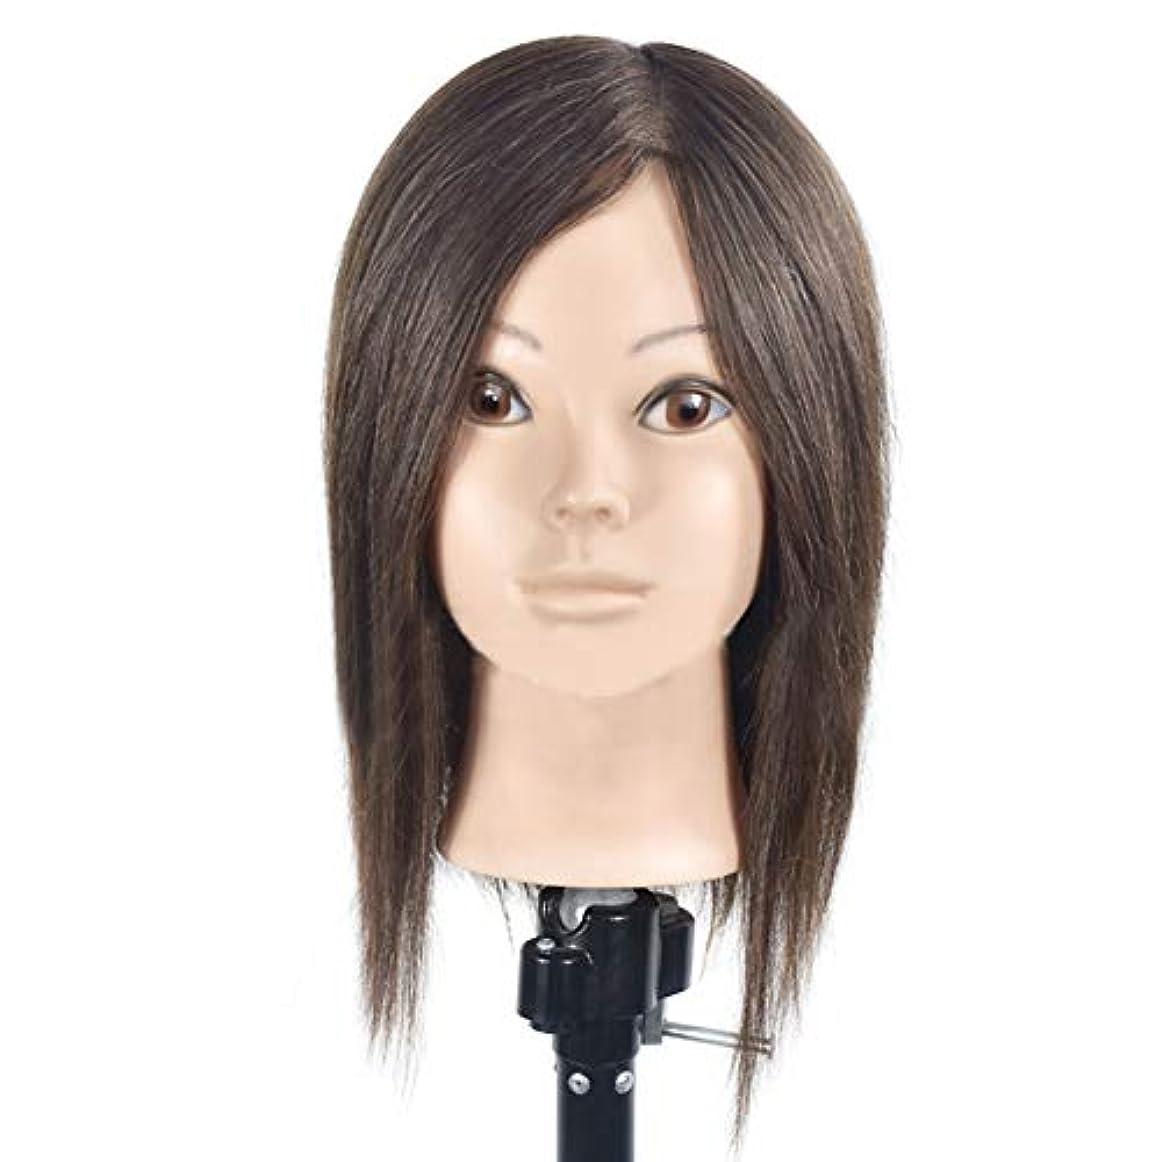 アルプスランドリー負担本物の人間の髪のかつらの頭の金型の理髪の髪型のスタイリングマネキンの頭の理髪店の練習の練習ダミーヘッド